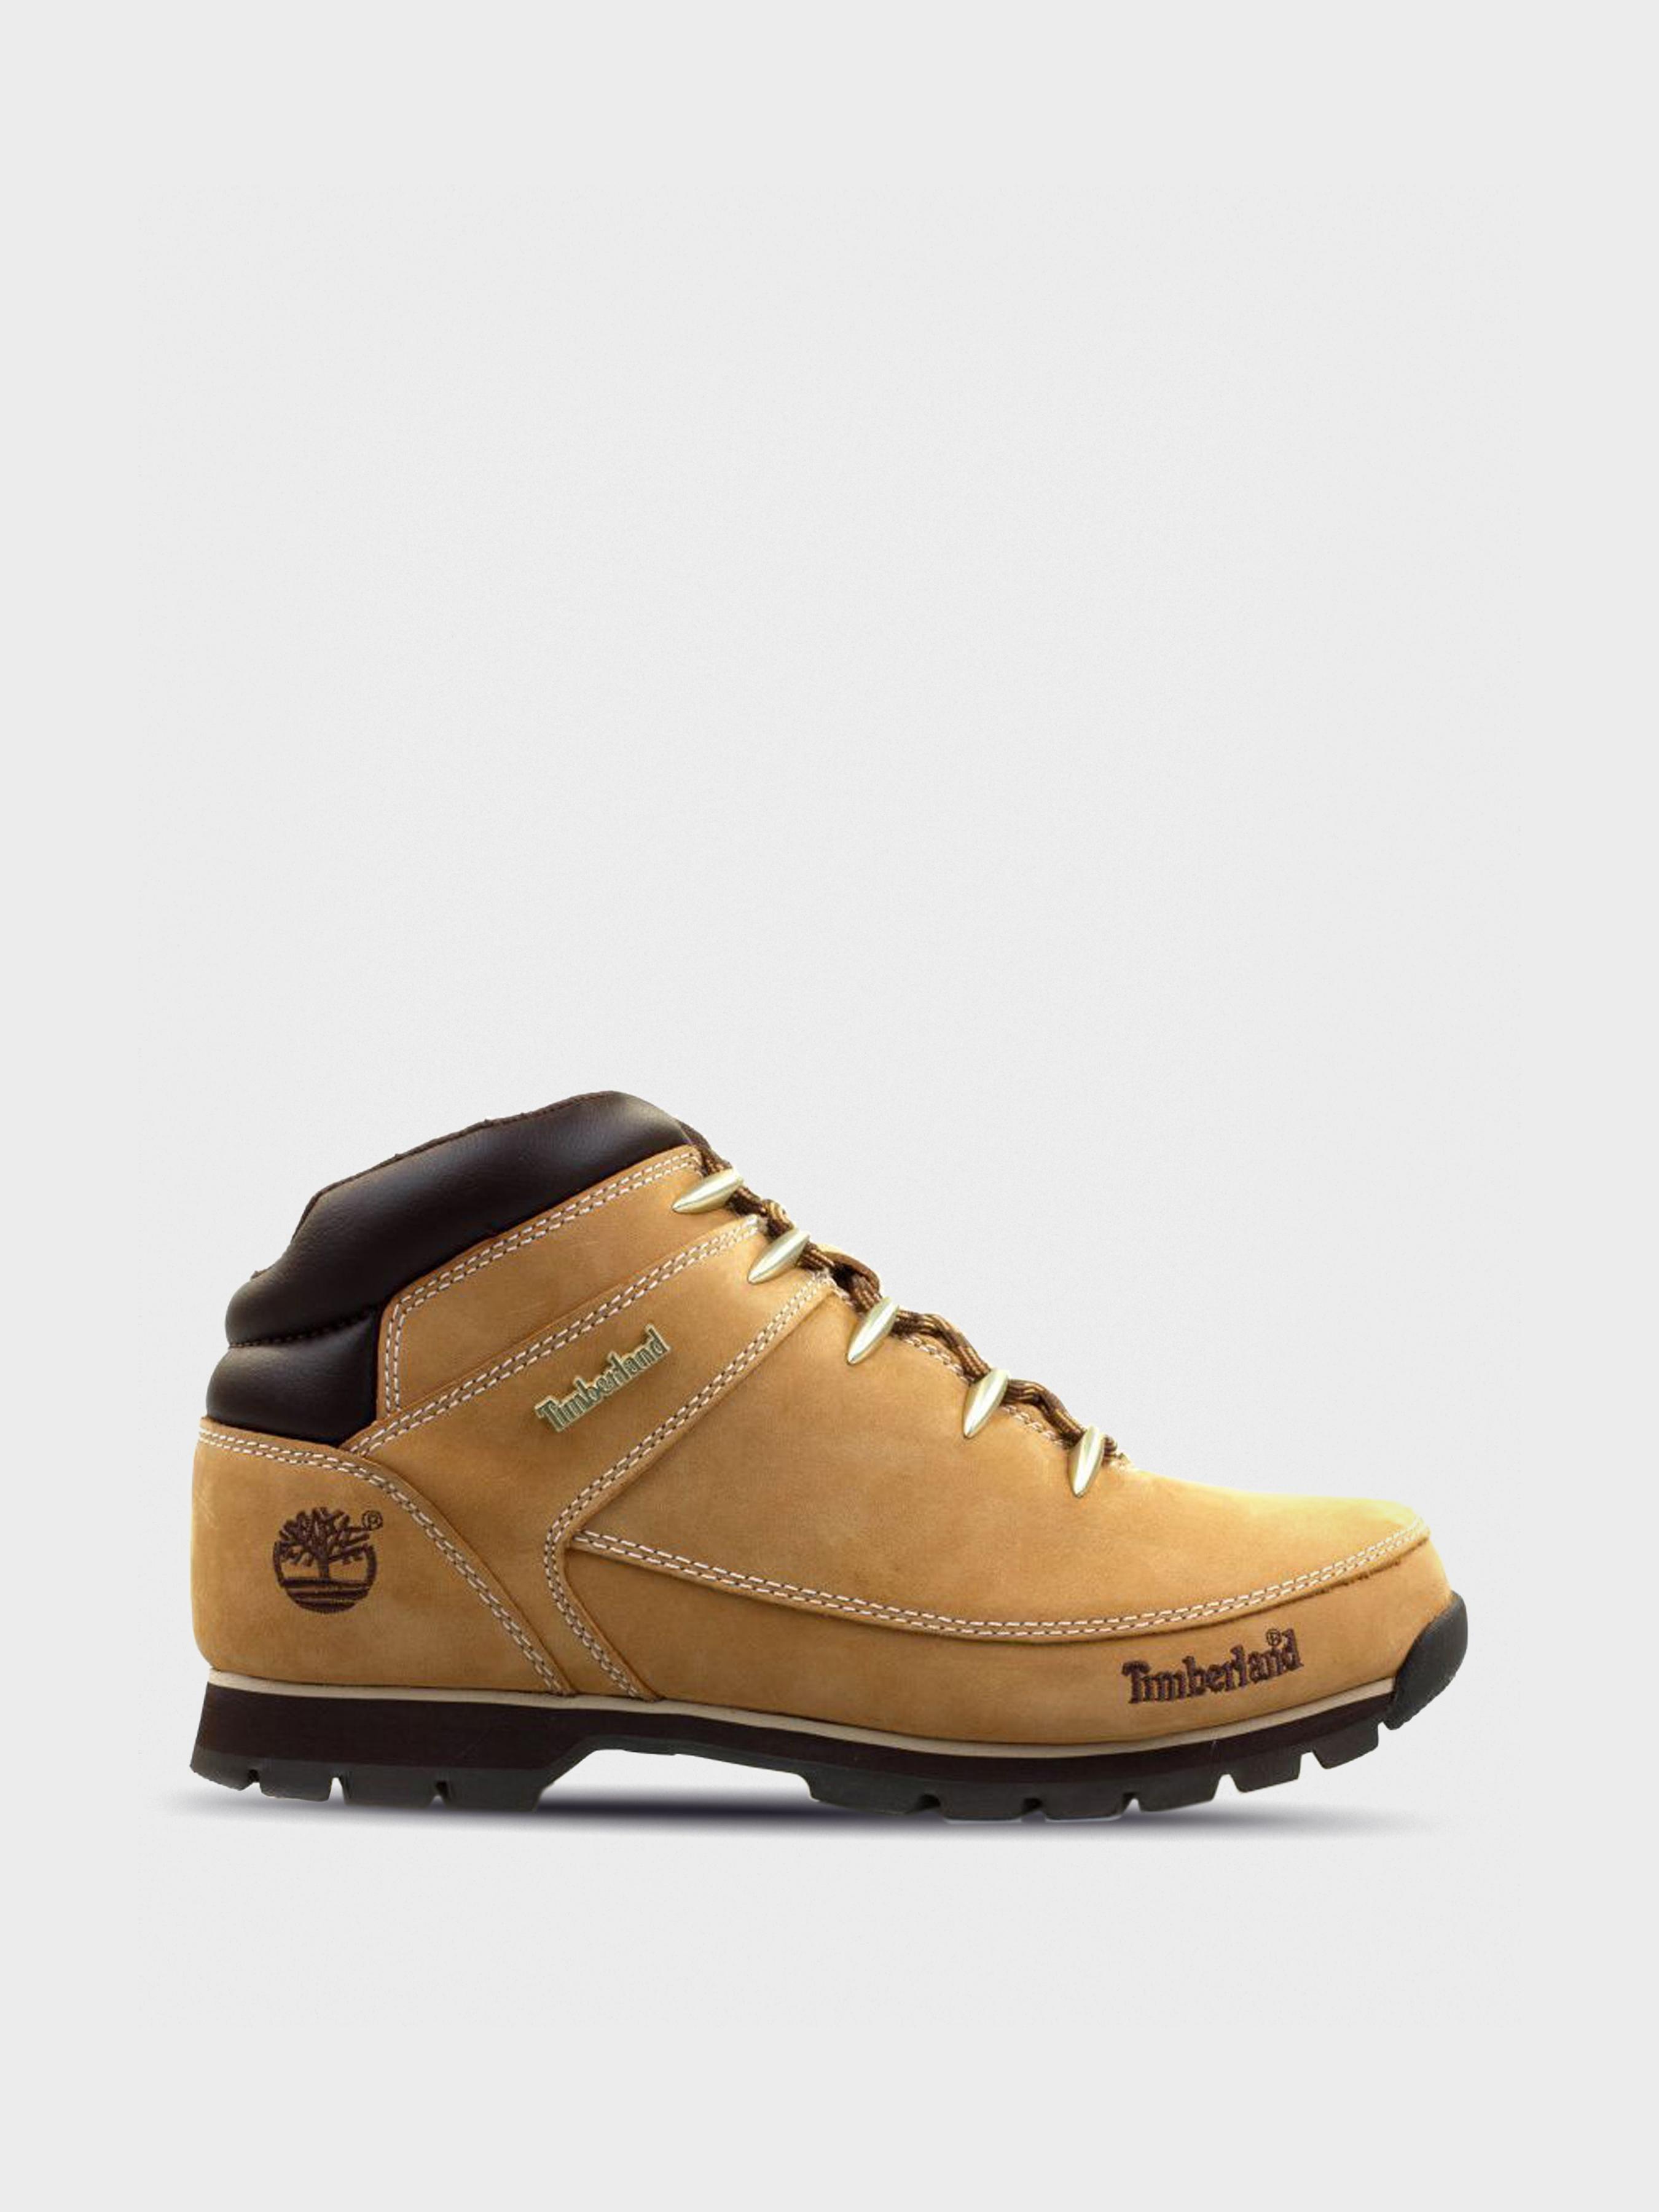 Черевики для чоловіків Timberland Euro Sprint Hiker TF3674 розмірна сітка  взуття 08b4b3d6406dd